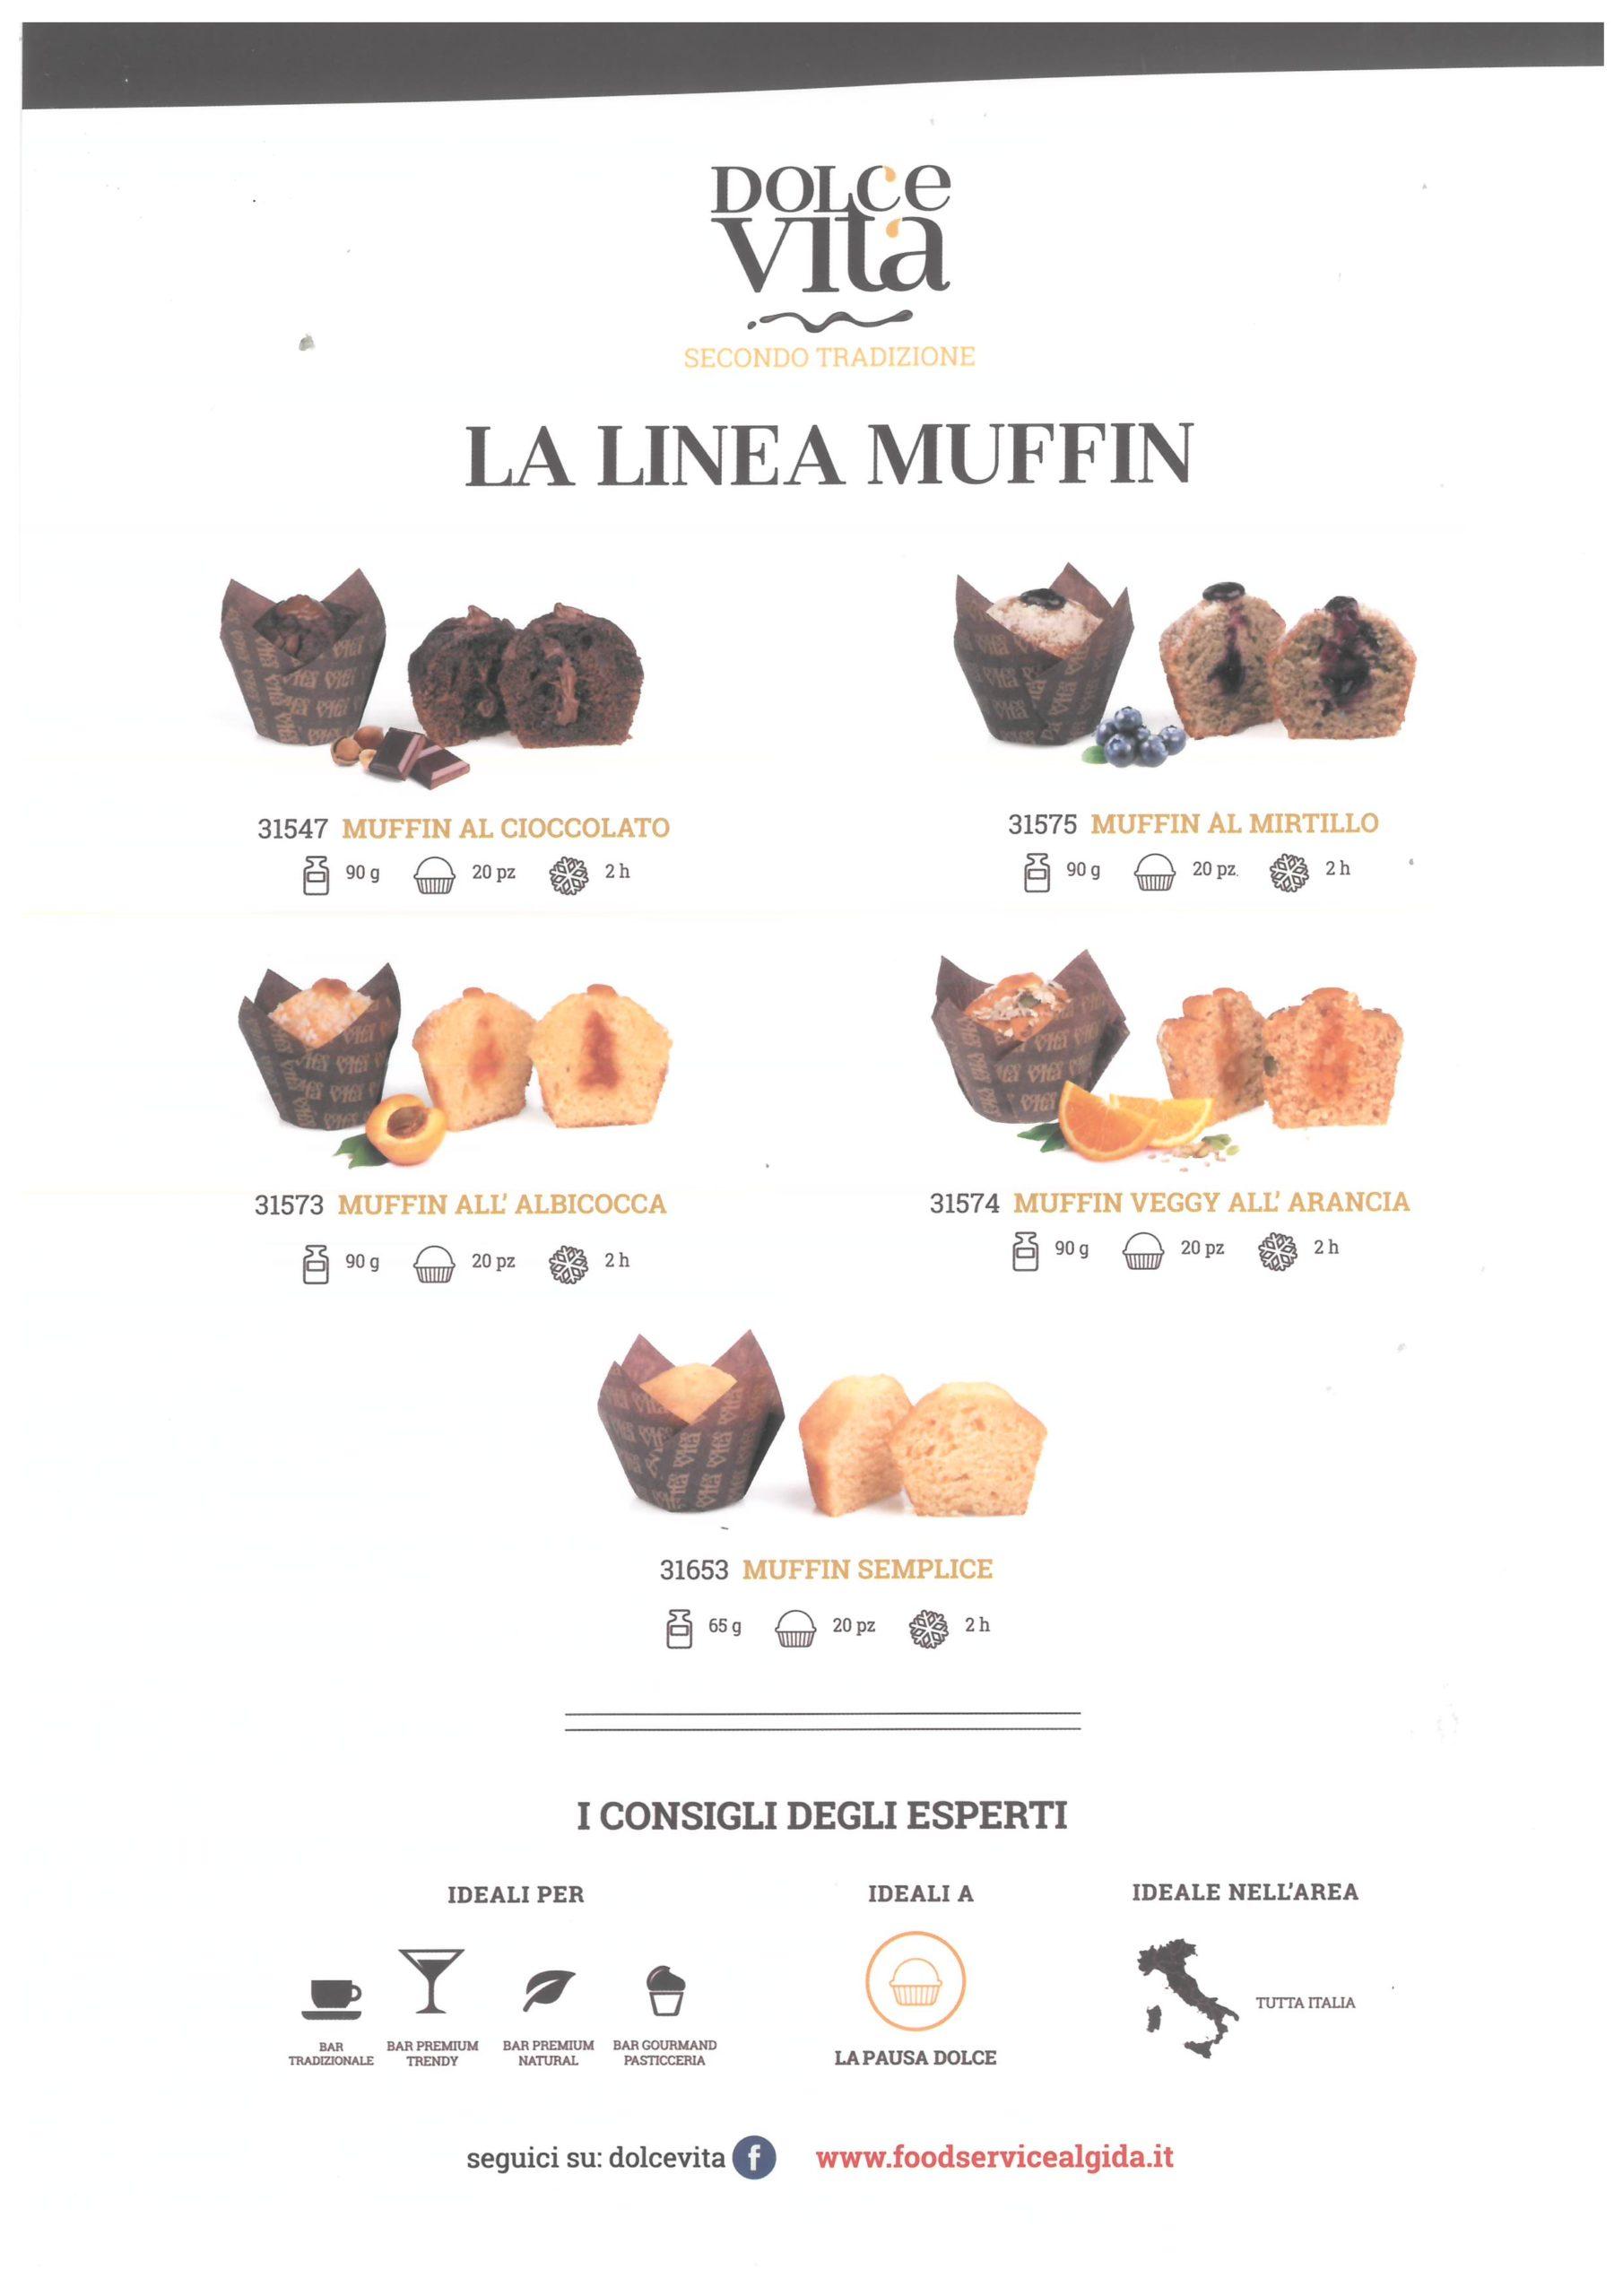 Muffin_DolceVita_Giroliemtti